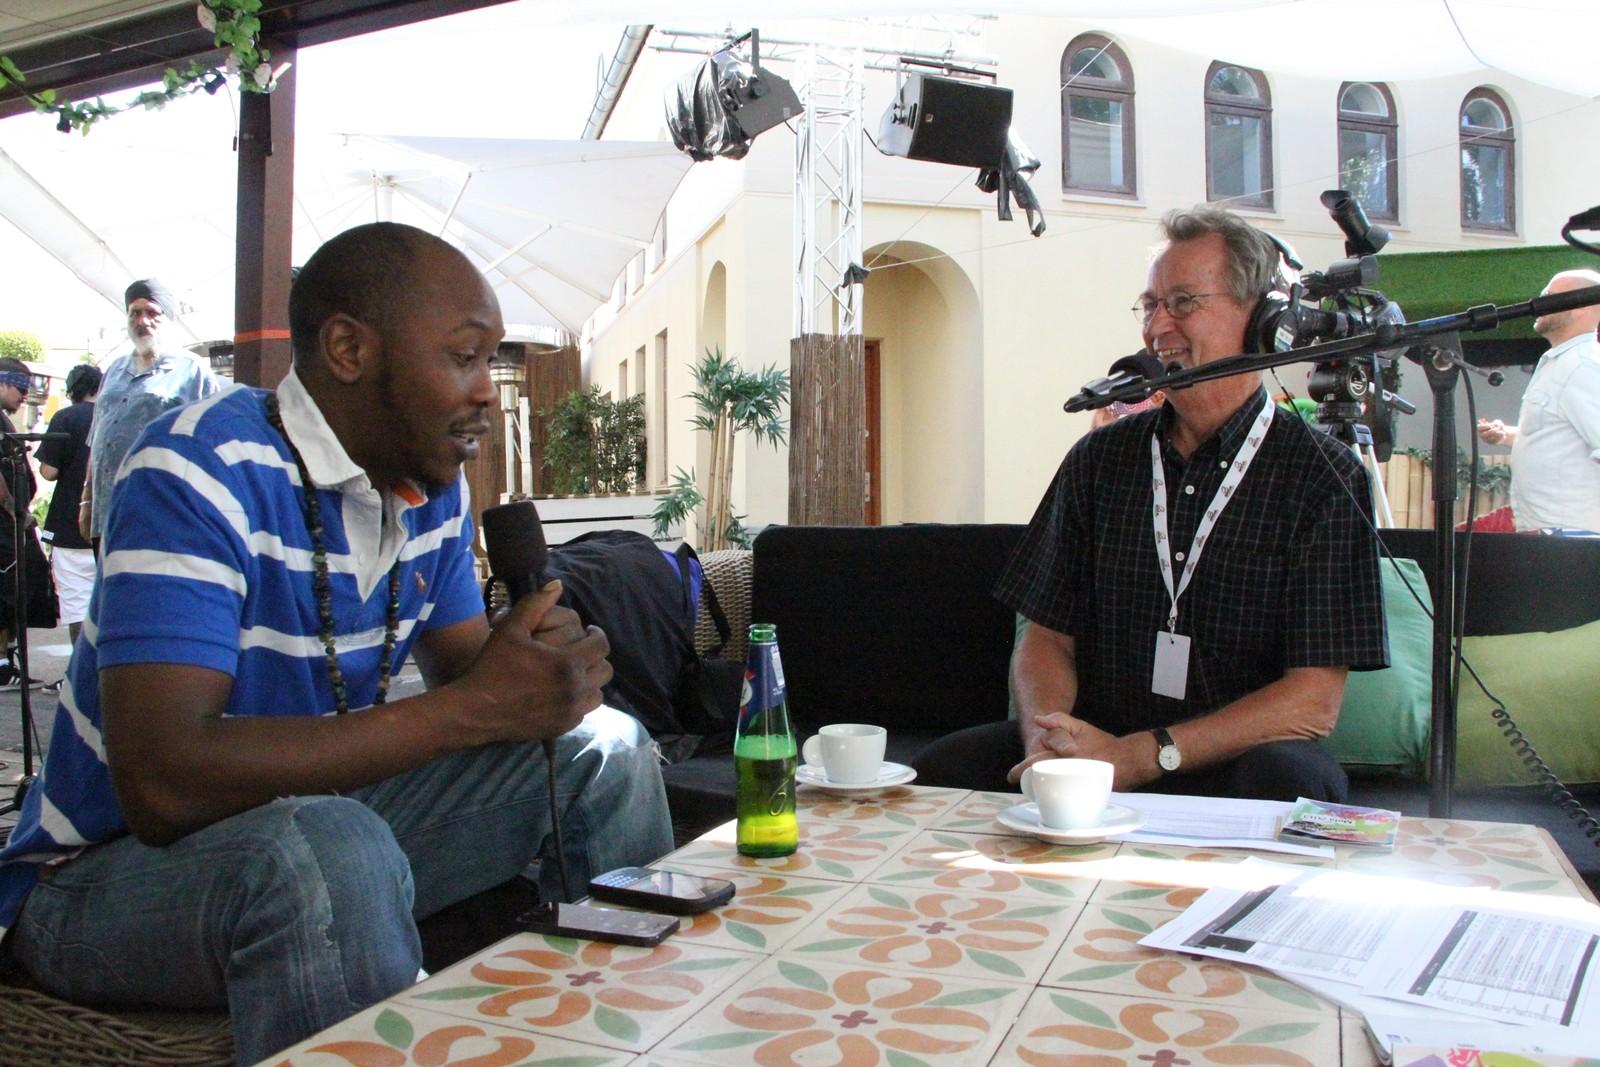 Sigbjørn intervjuer Seun Kuti fra Nigeria under Melafestivalen 2013.